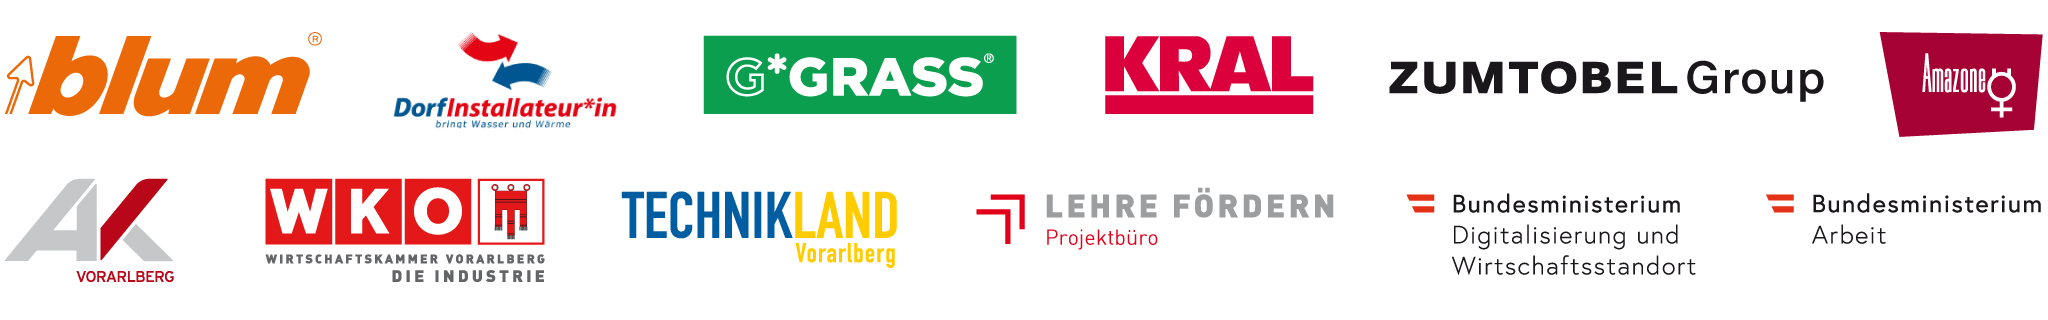 Logoleiste Projektpartner*innen IK4